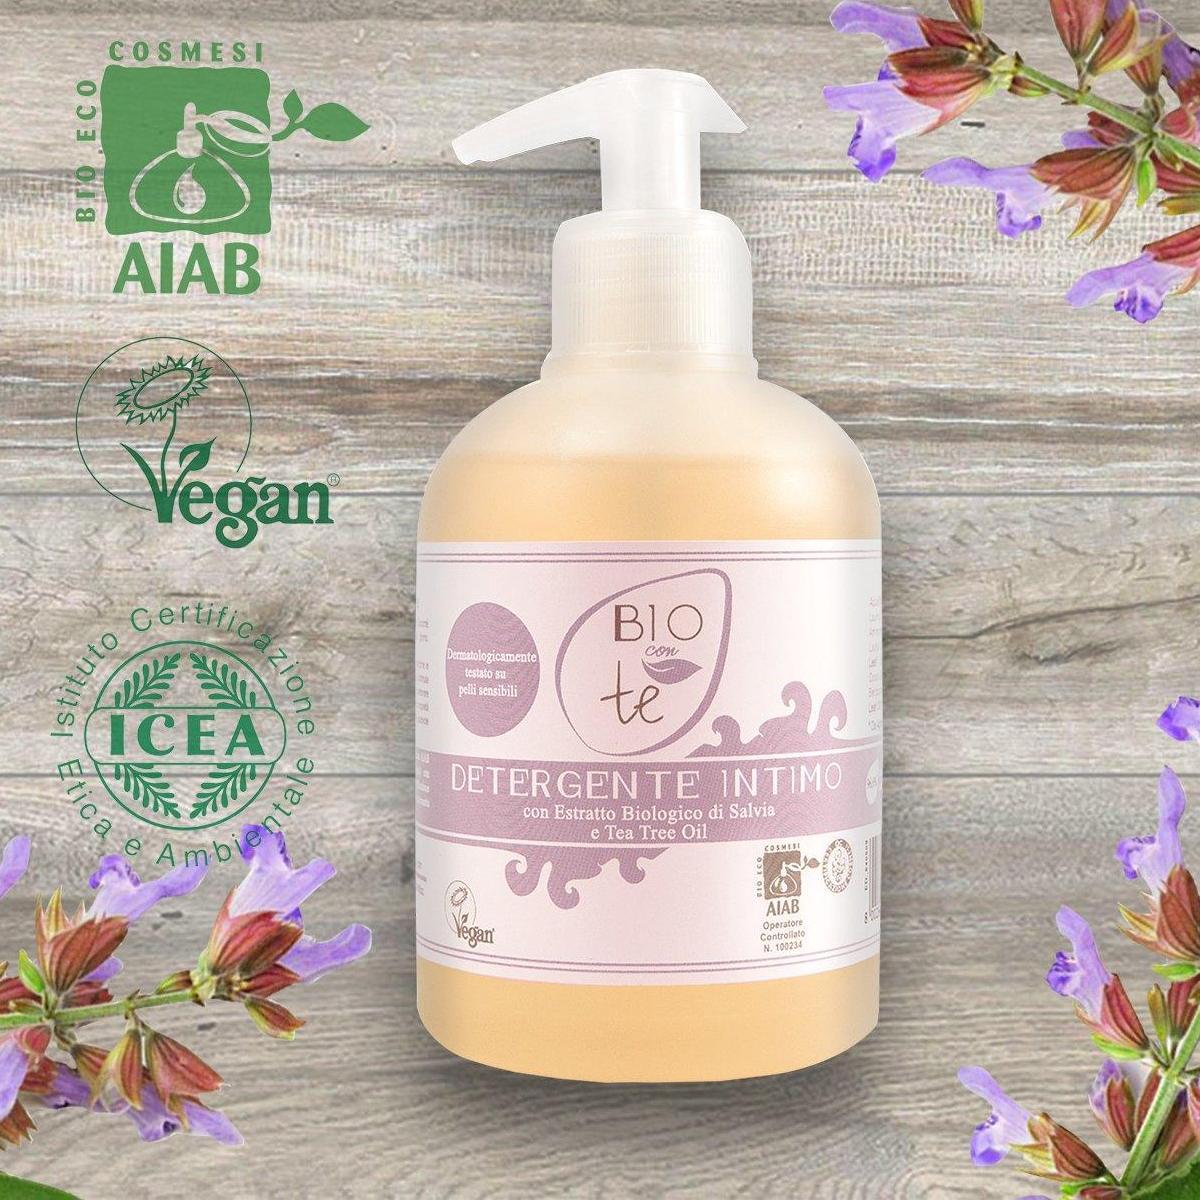 Sữa tắm hữu cơ chiết xuất lô hội và dầu trà 300ml - Pierpaoli nhập khẩu